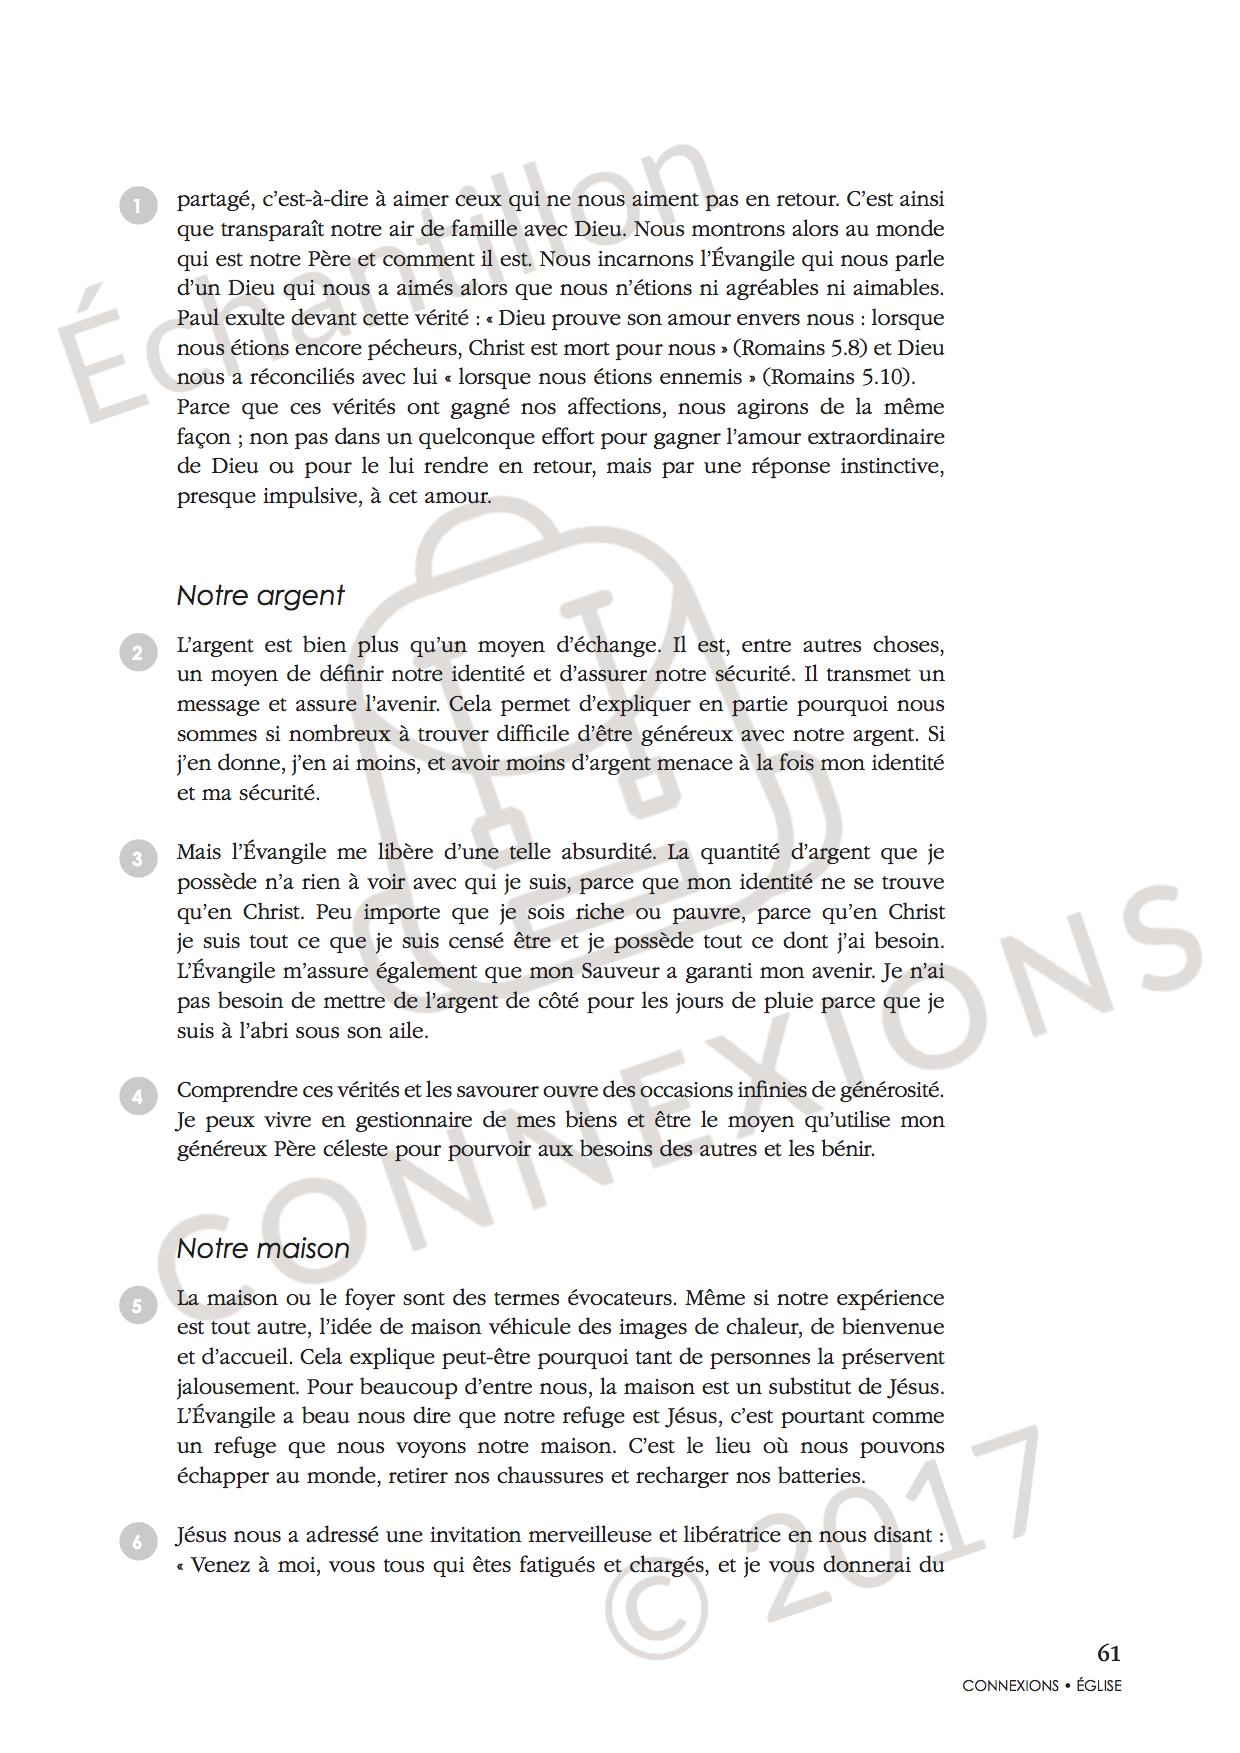 L'Évangile au cœur de la communauté_sample_published.9.png